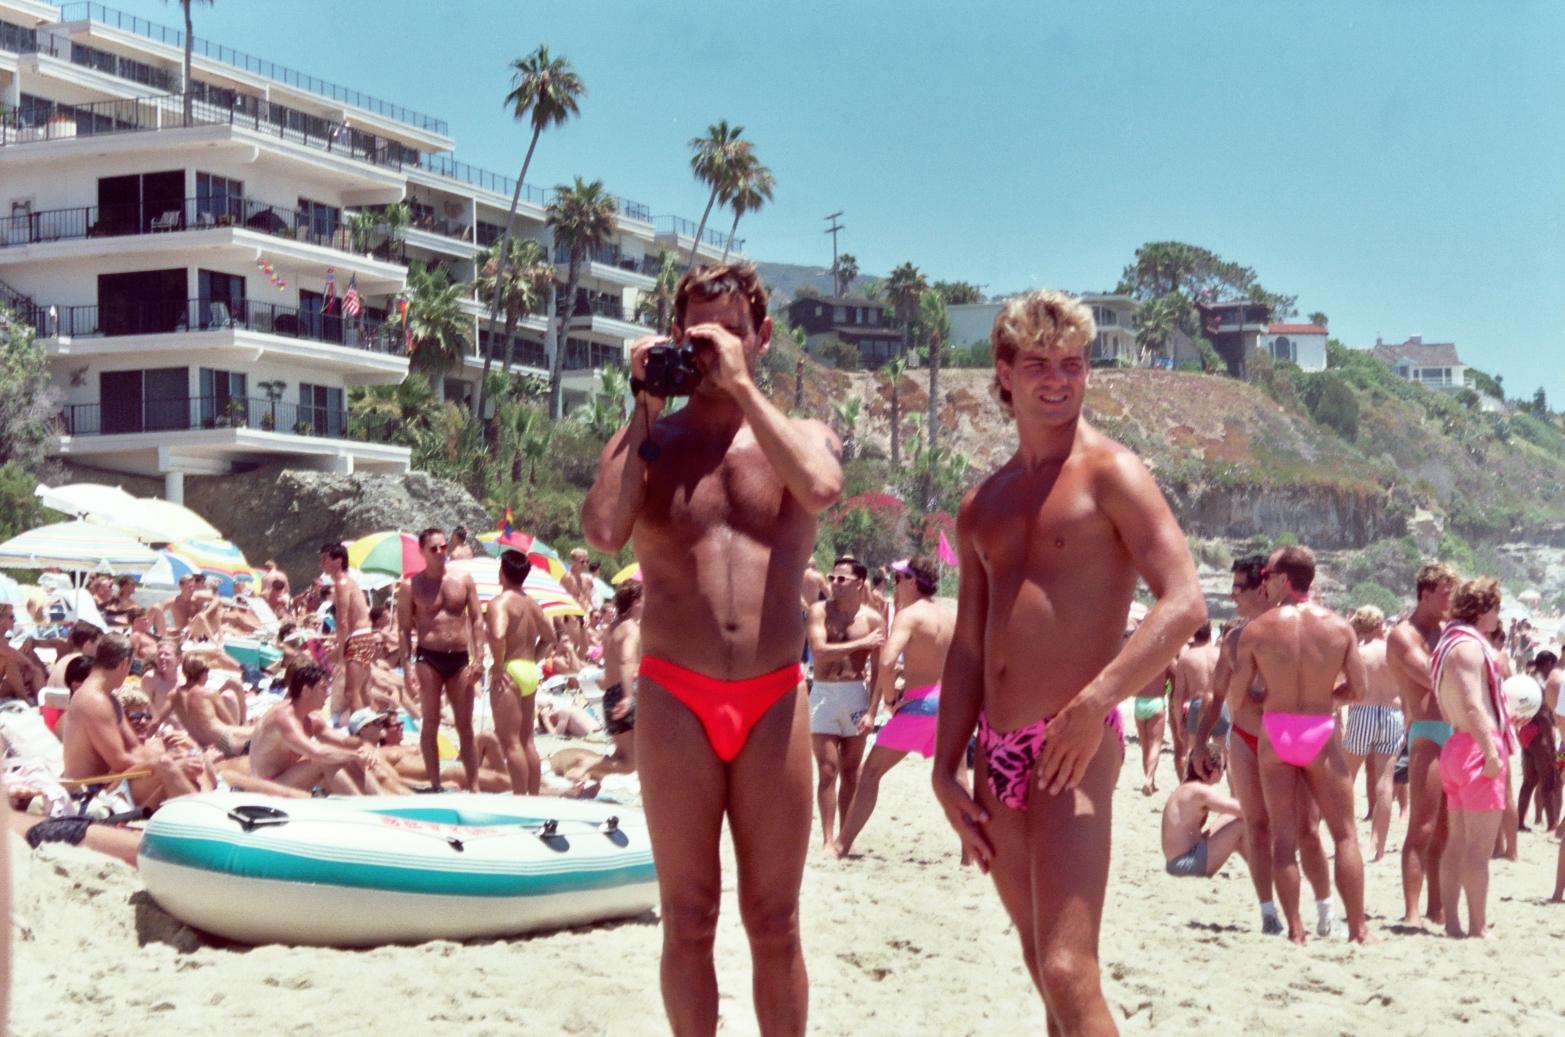 laguna-beach_3555337662_o